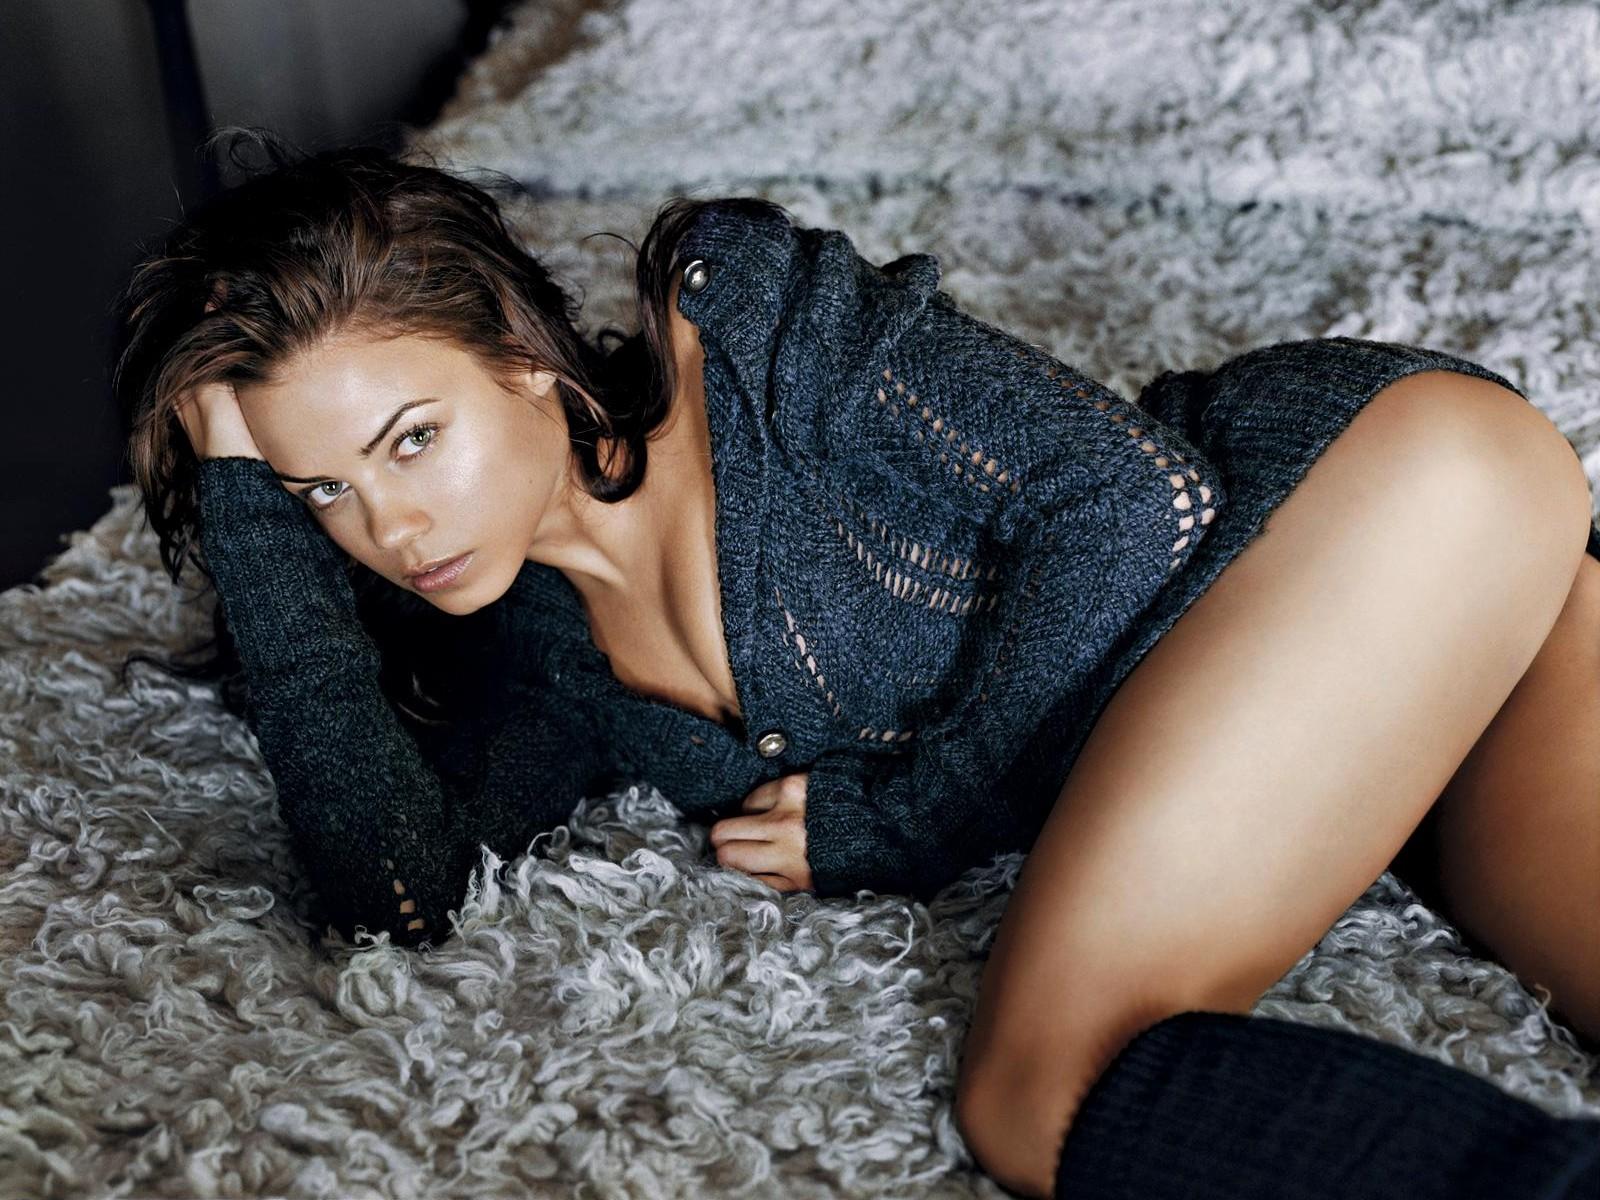 Wallpaper: una sexy Jenna Dewan per un servizio fotografico